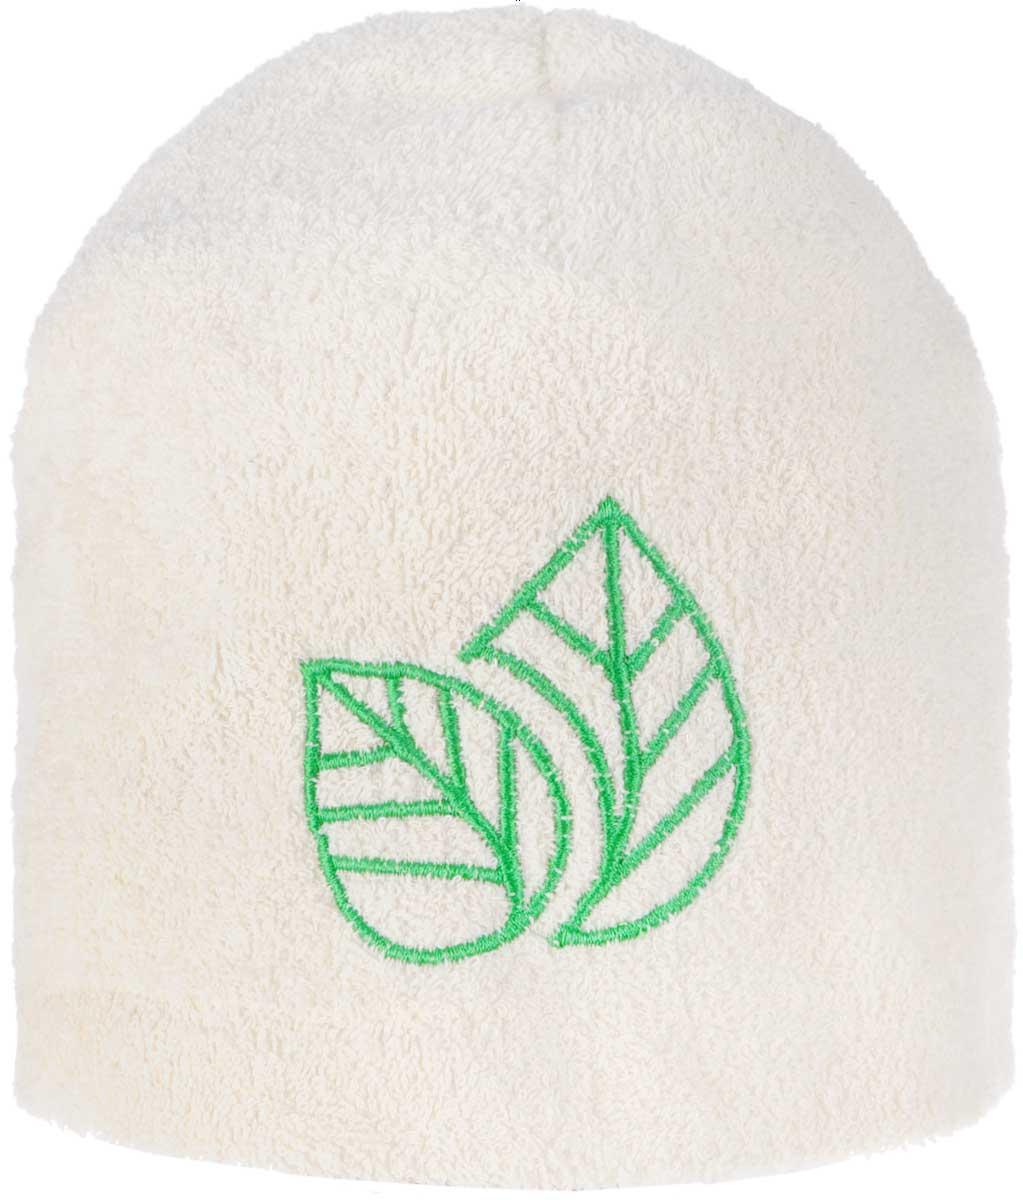 Шапка для бани и сауны Доктор Баня Листок, цвет: белый, зеленыйC0042416Шапка для бани и сауны Доктор Баня Листок, изготовленная из войлока (100% шерсть), станет незаменимым аксессуаром для любителей попариться в русской бане и для тех, кто предпочитает сухой жар финской бани. Шапка оформлена оригинальным и ярким принтом.Шапка защитит от головокружения в бане и перегрева головы, а также предотвратит ломкость волос.Такая шапка станет отличным подарком для любителей отдыха в бане или сауне. Высота шапки: 26 см.Диаметр основания: 31 см.